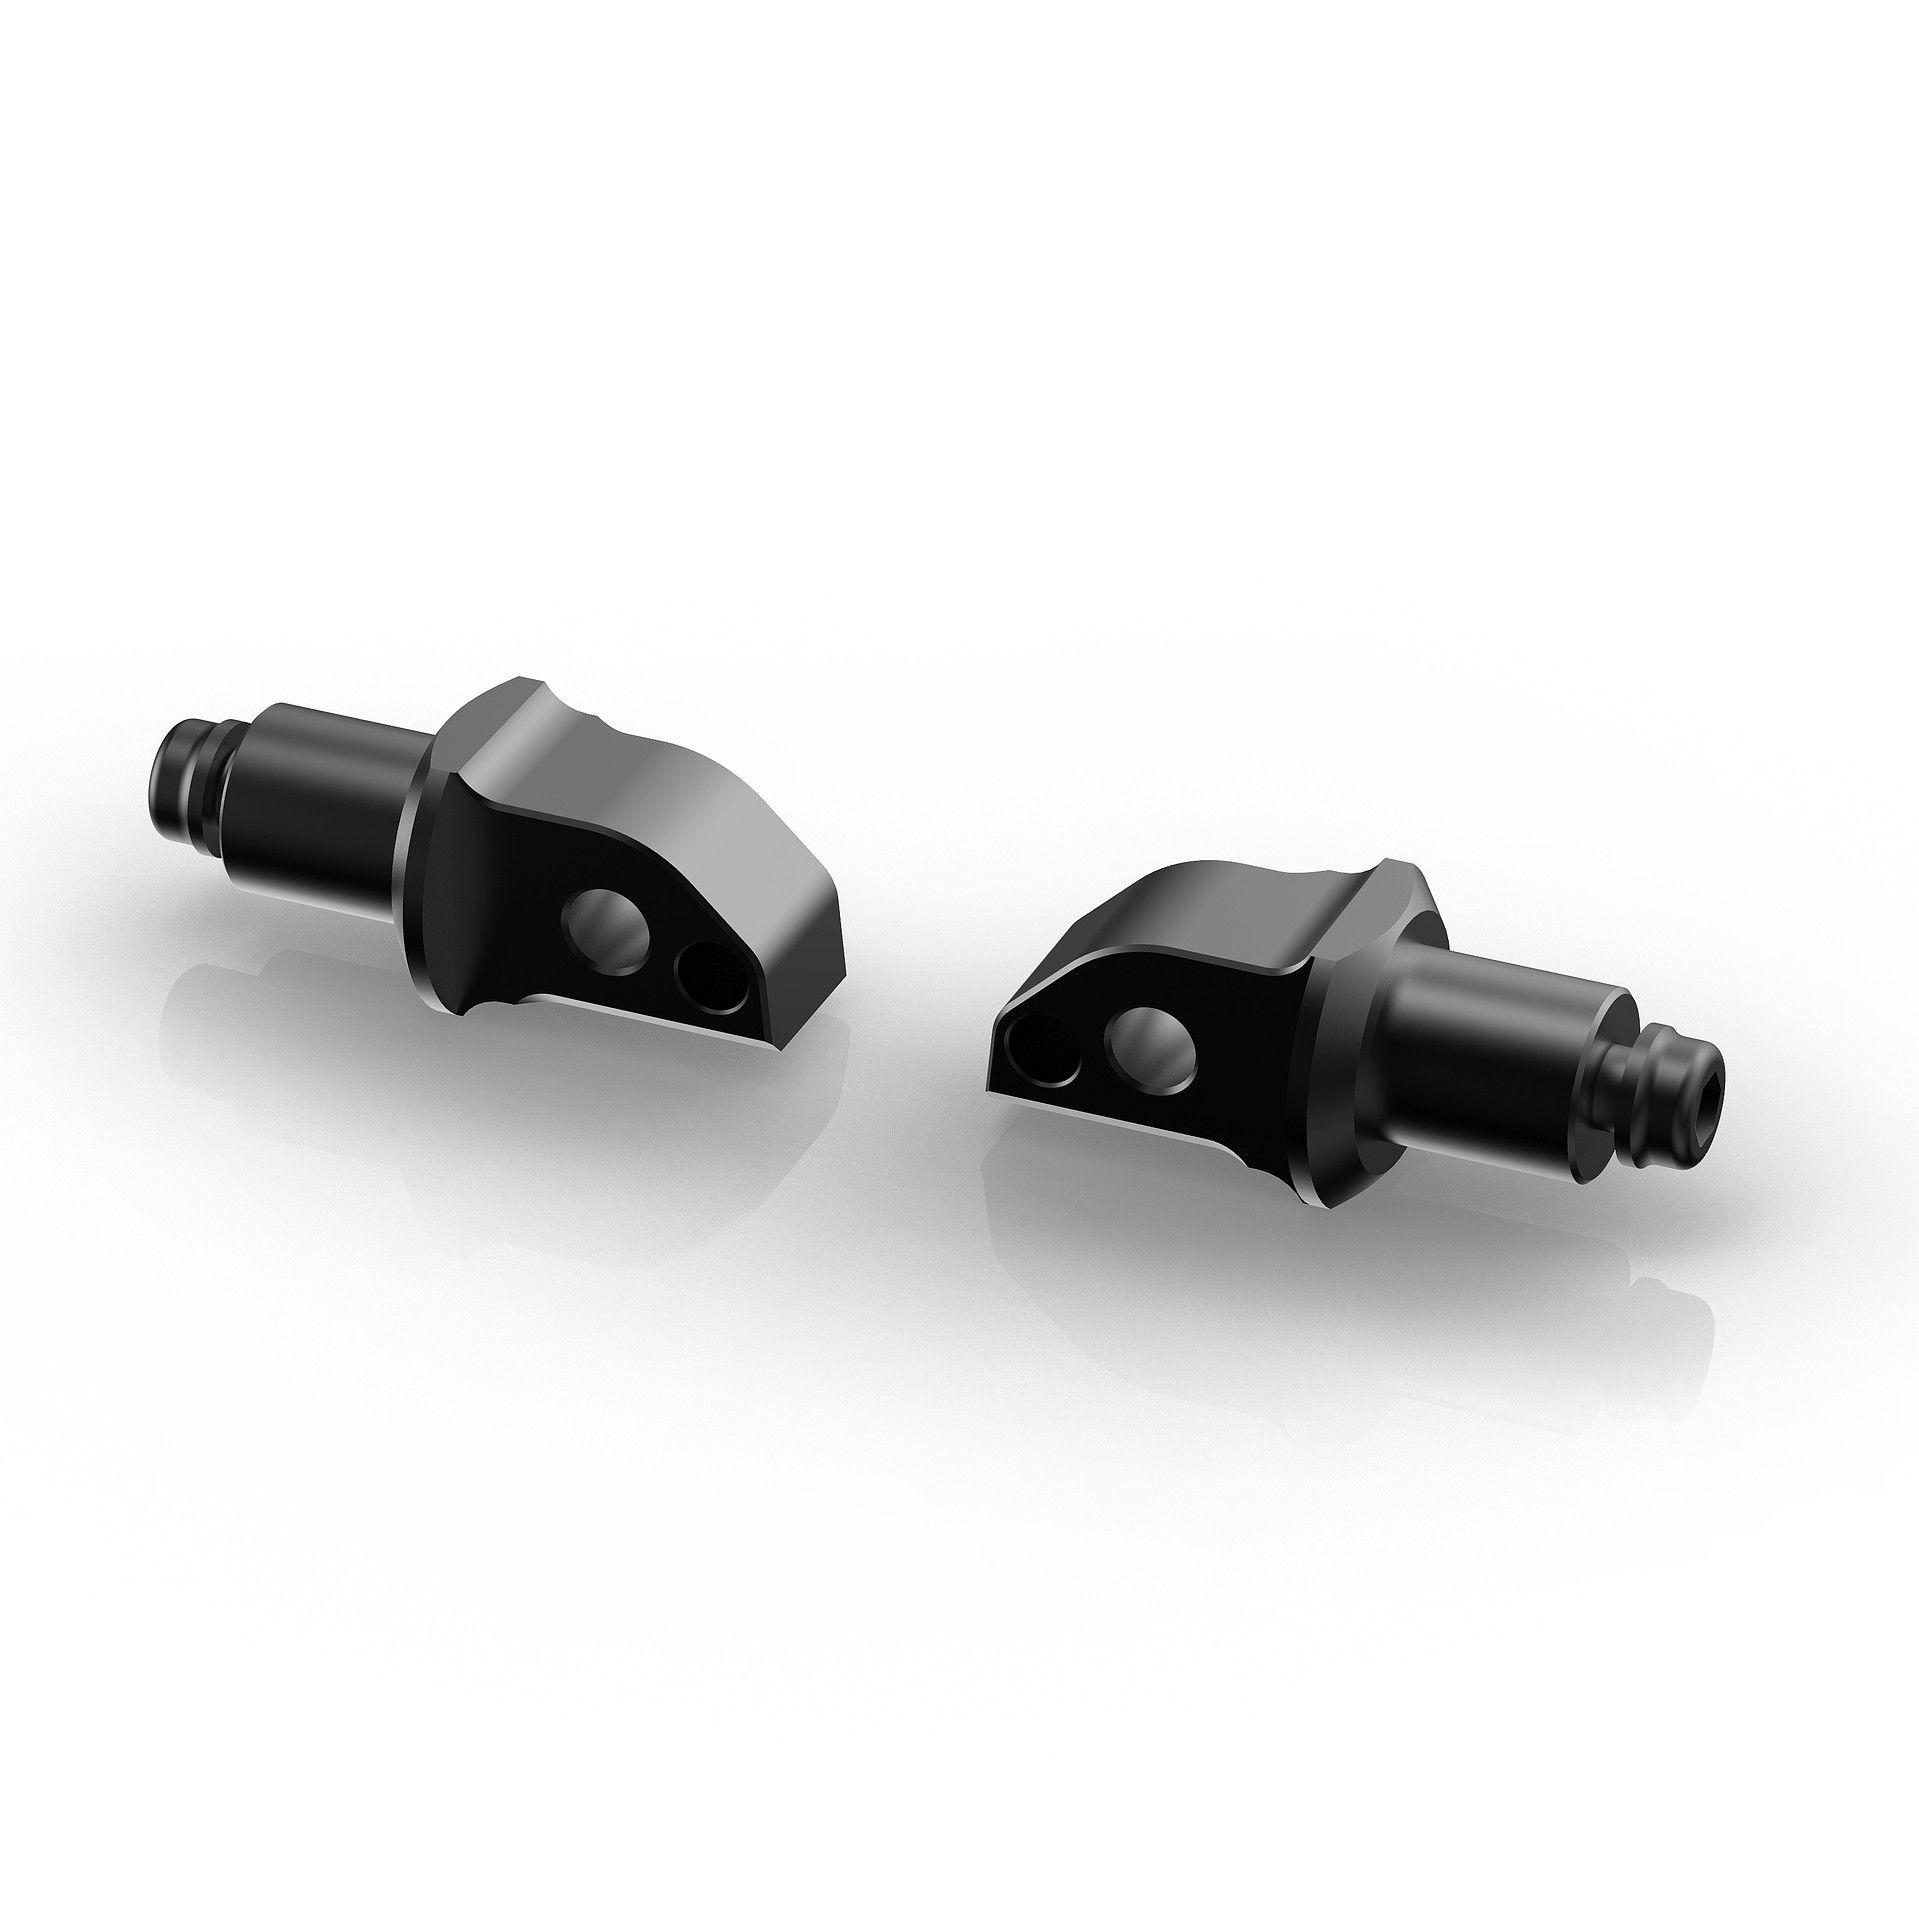 Kit de montage pour repose-pieds Rizoma (∅ 18 mm)